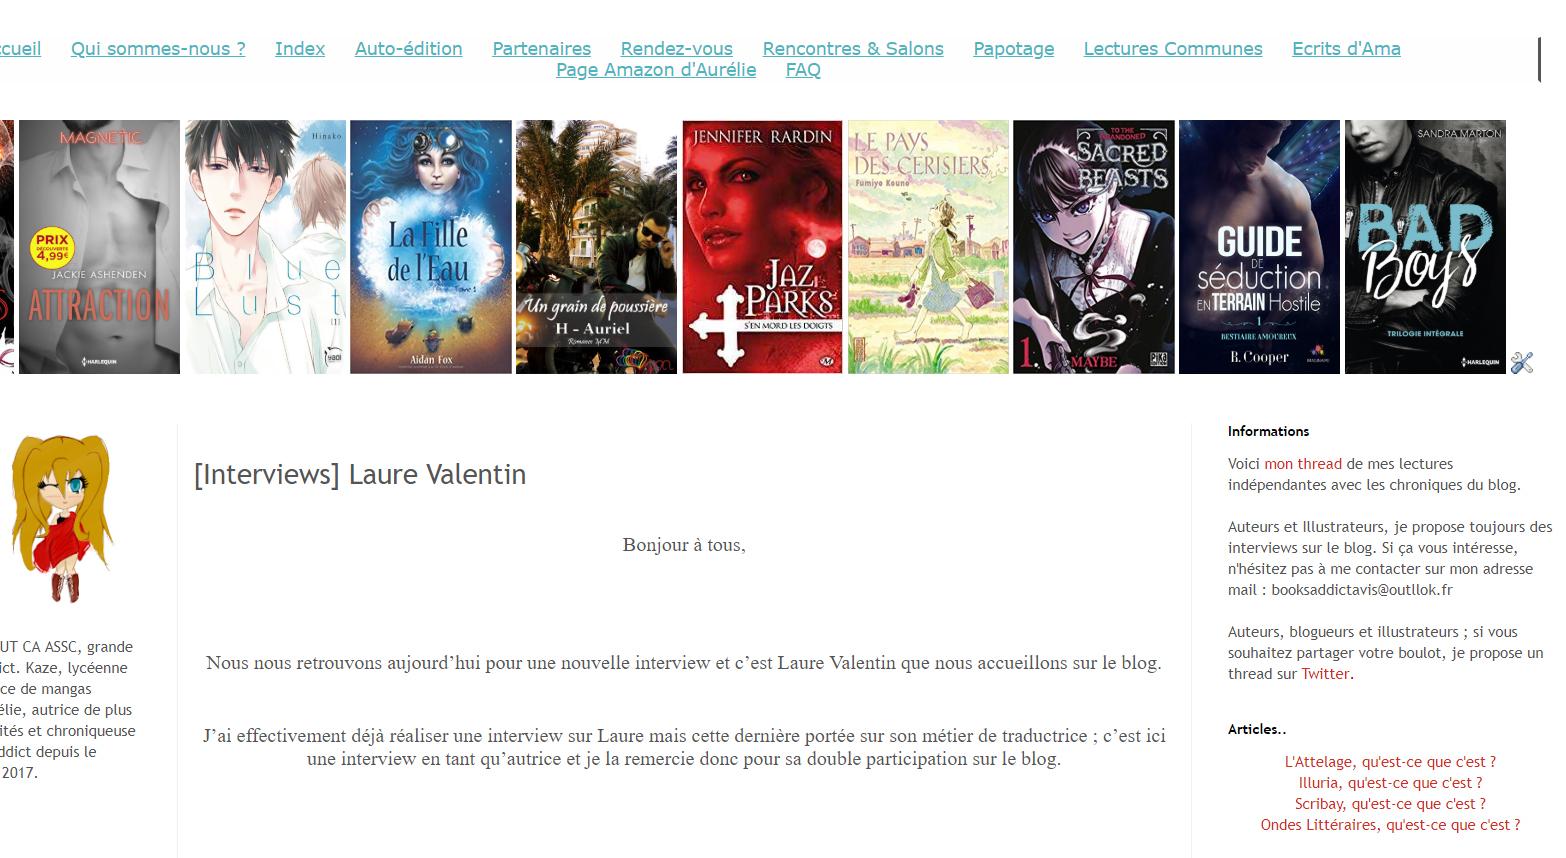 L'interview de Laure Valentin par Amabooksaddict